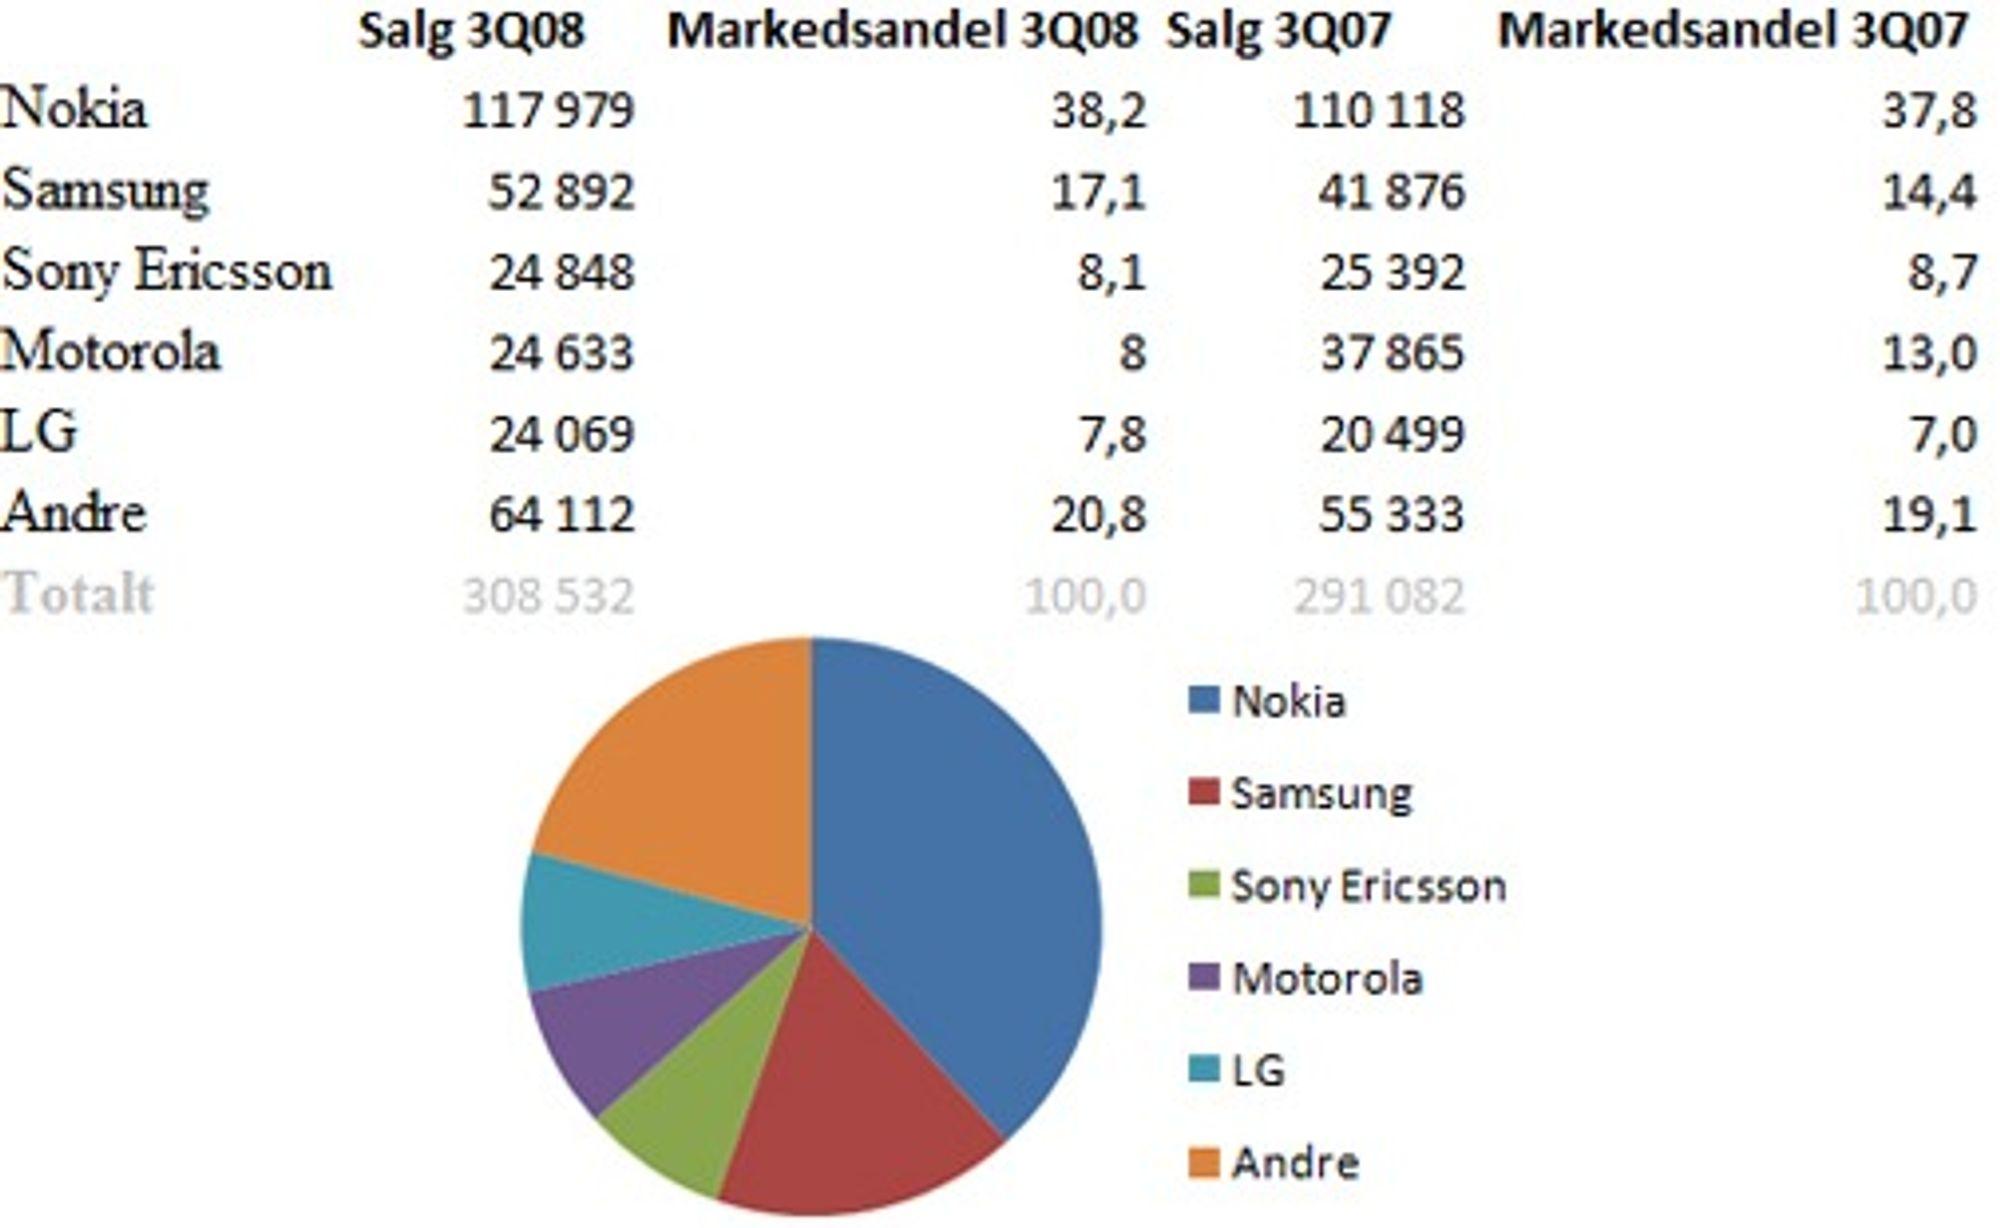 Nokia er fortsatt klart størst. Størst kamp er det om tredjeplass blant verdens største mobilprodusenter. (Kilde: Gartner)